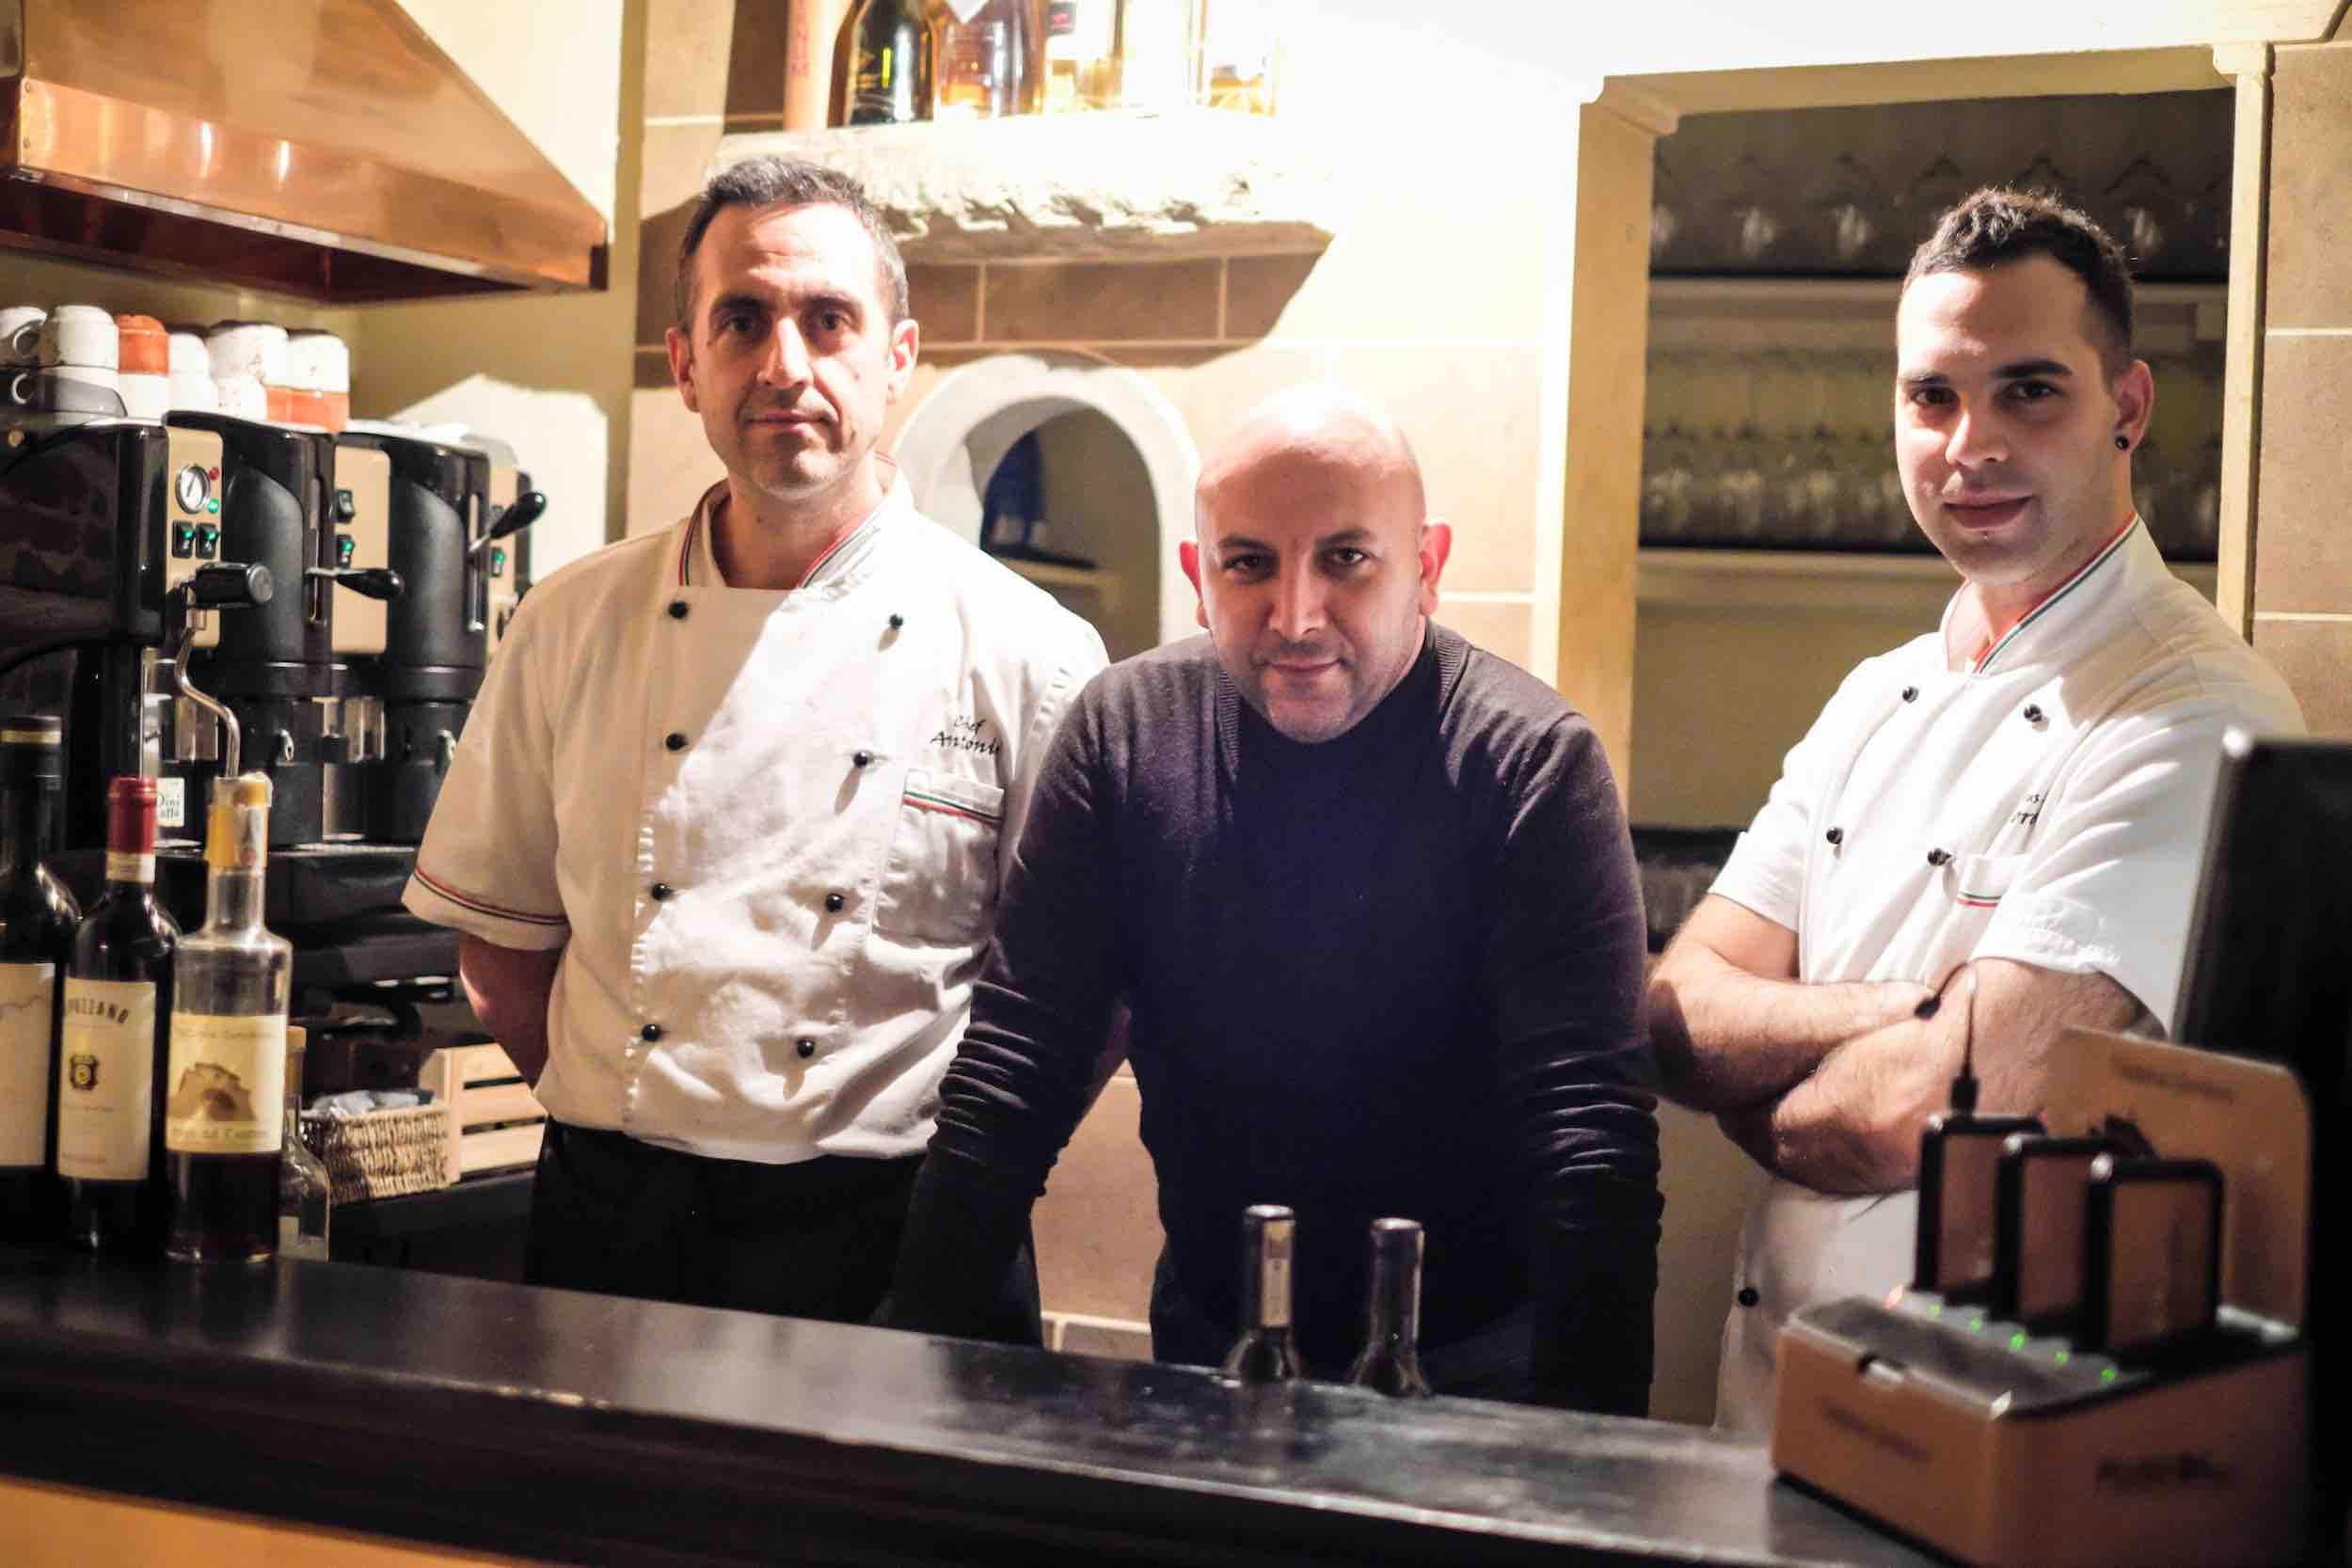 La Trattoria Giovanni a Firenze è la nuova trattoria in Santo Spirito che propone la vera cucina toscana della tradizione.